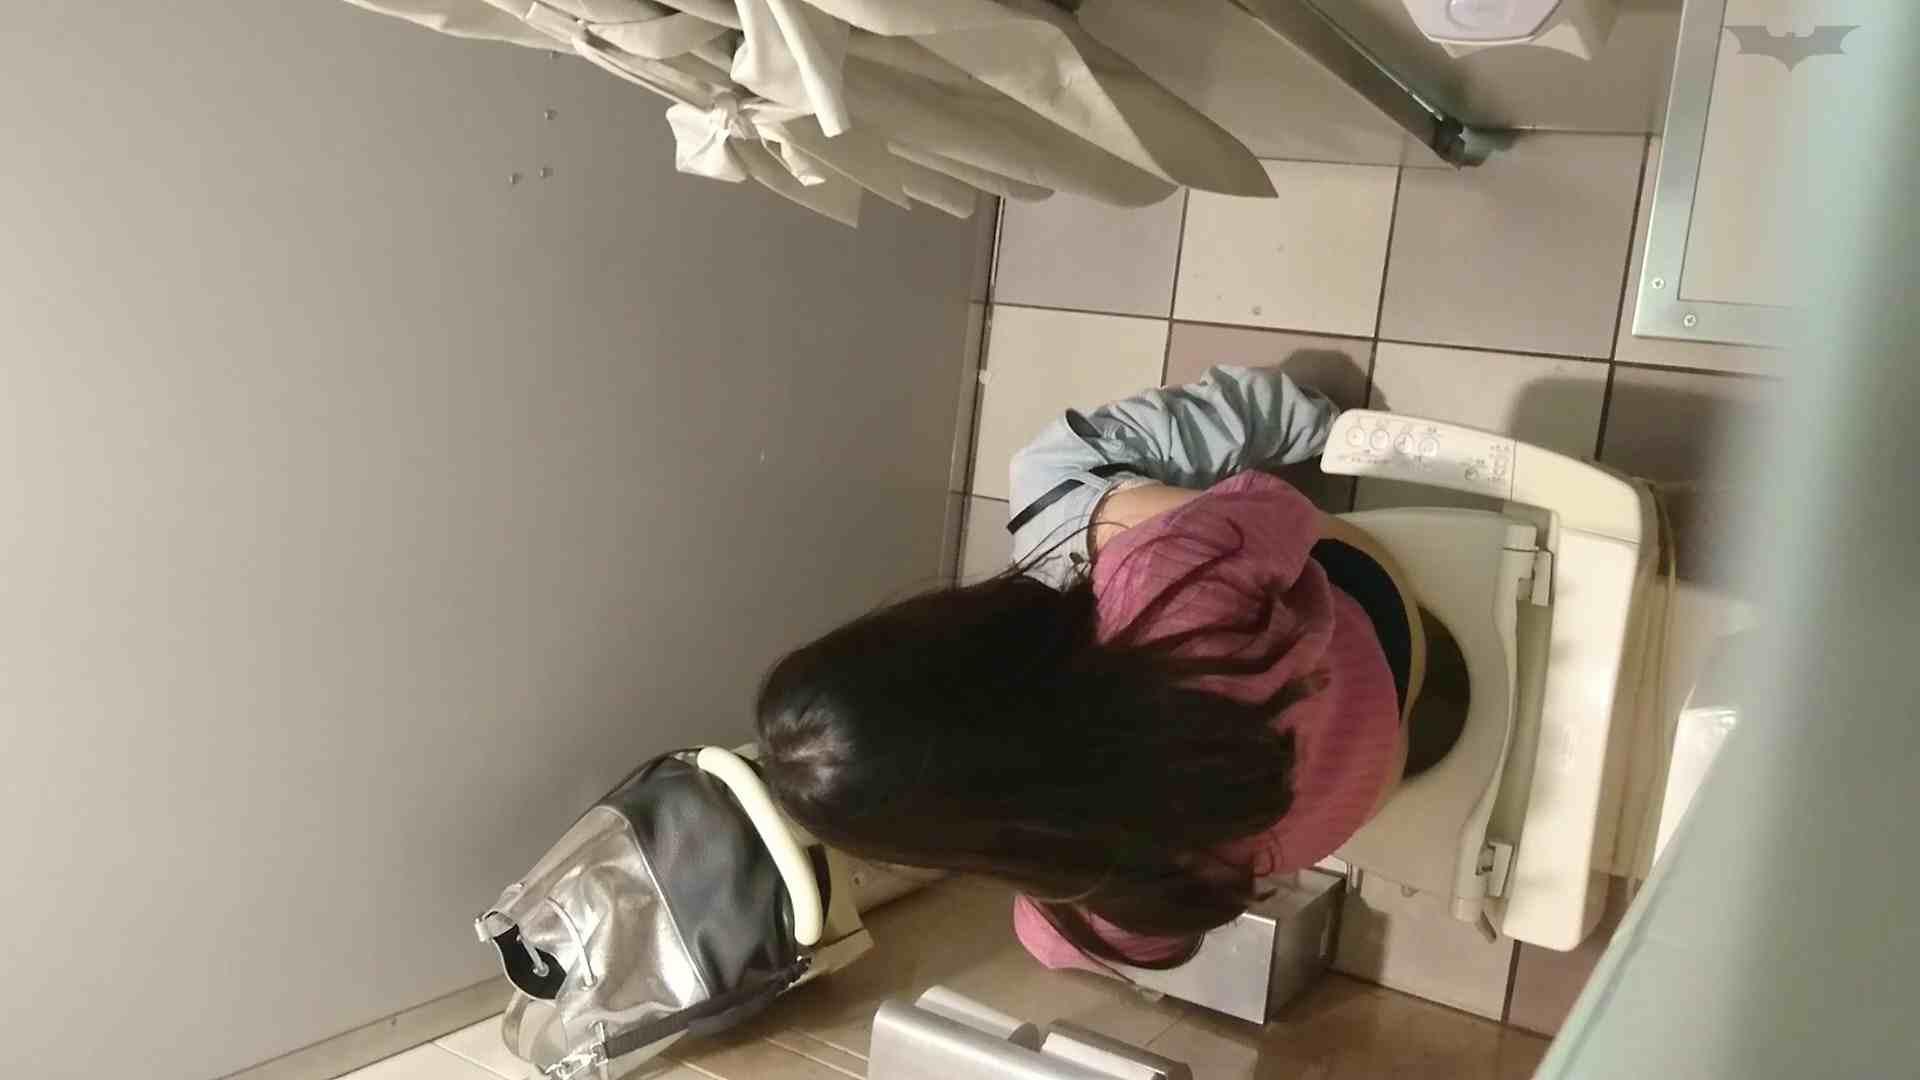 化粧室絵巻 ショッピングモール編 VOL.20 OL女体 | 0  61連発 25